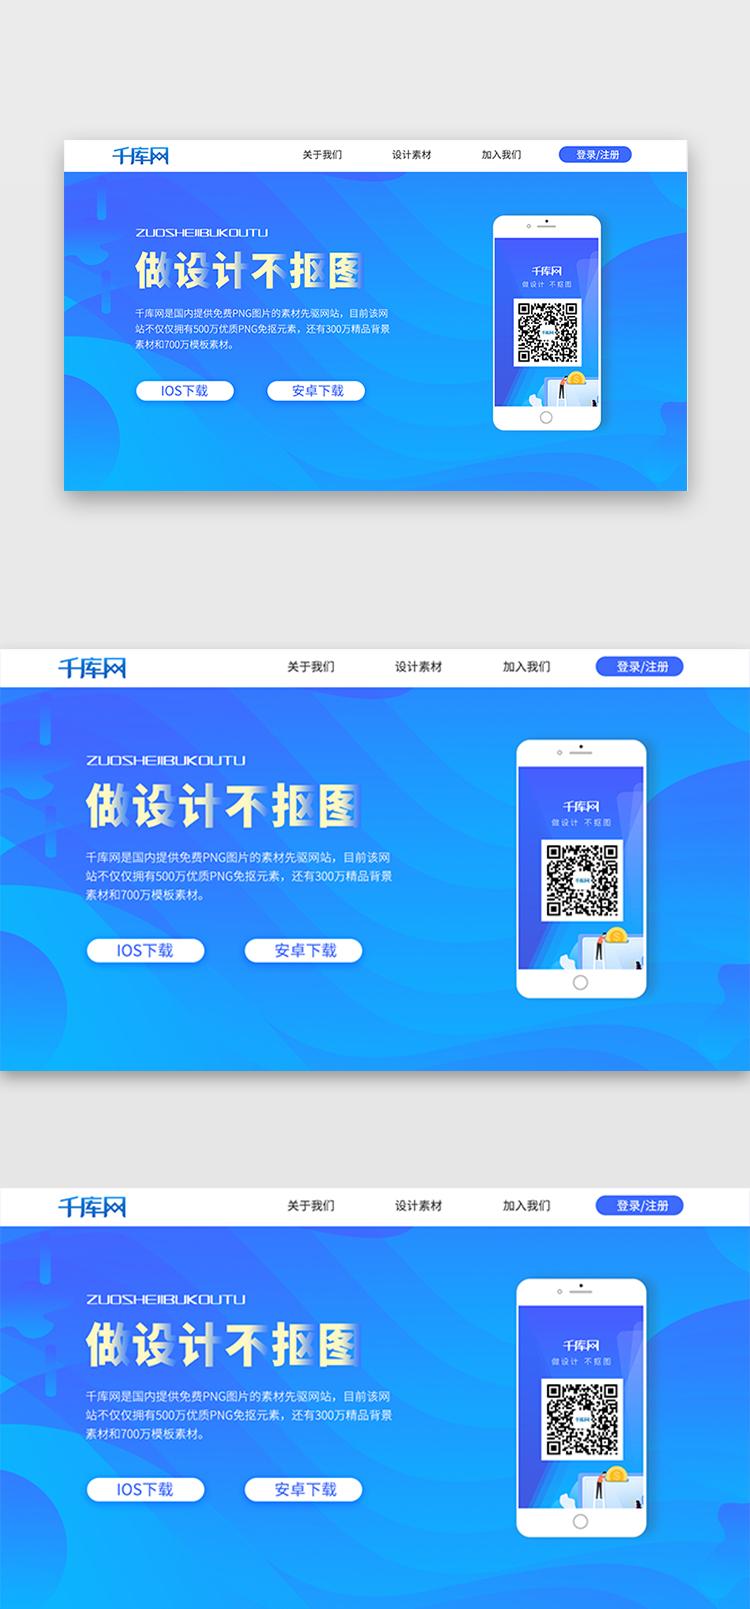 界面页面app二维码录取机械ui网站设计素材长江大学软件v界面下载分数线是多少图片